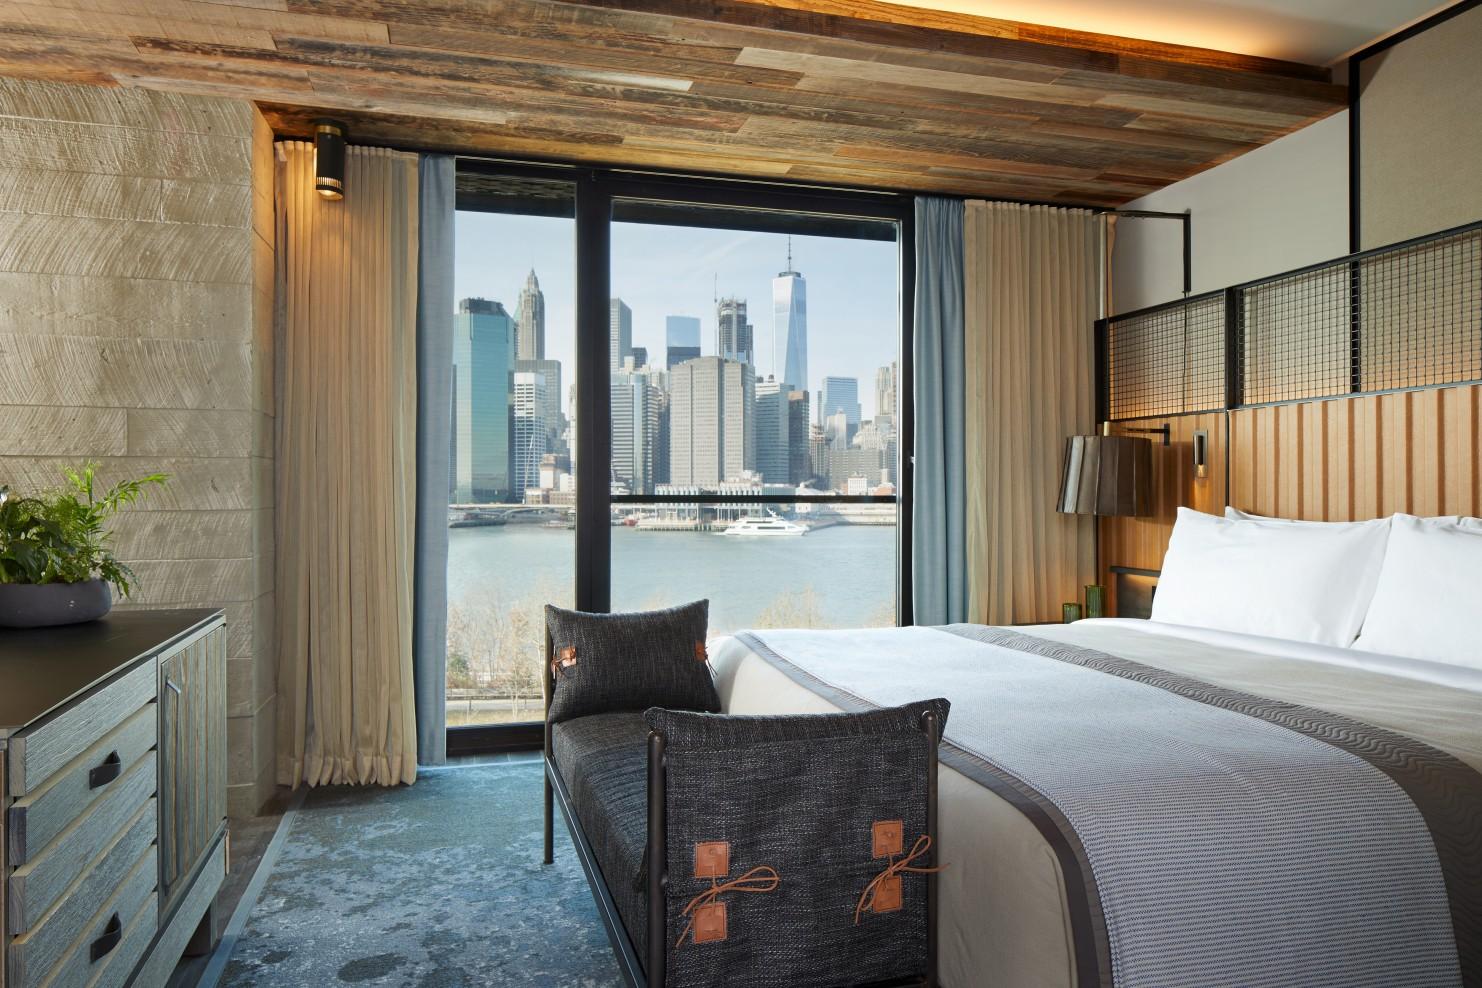 Hotel brooklyn bridge brooklyn new york smith hotels